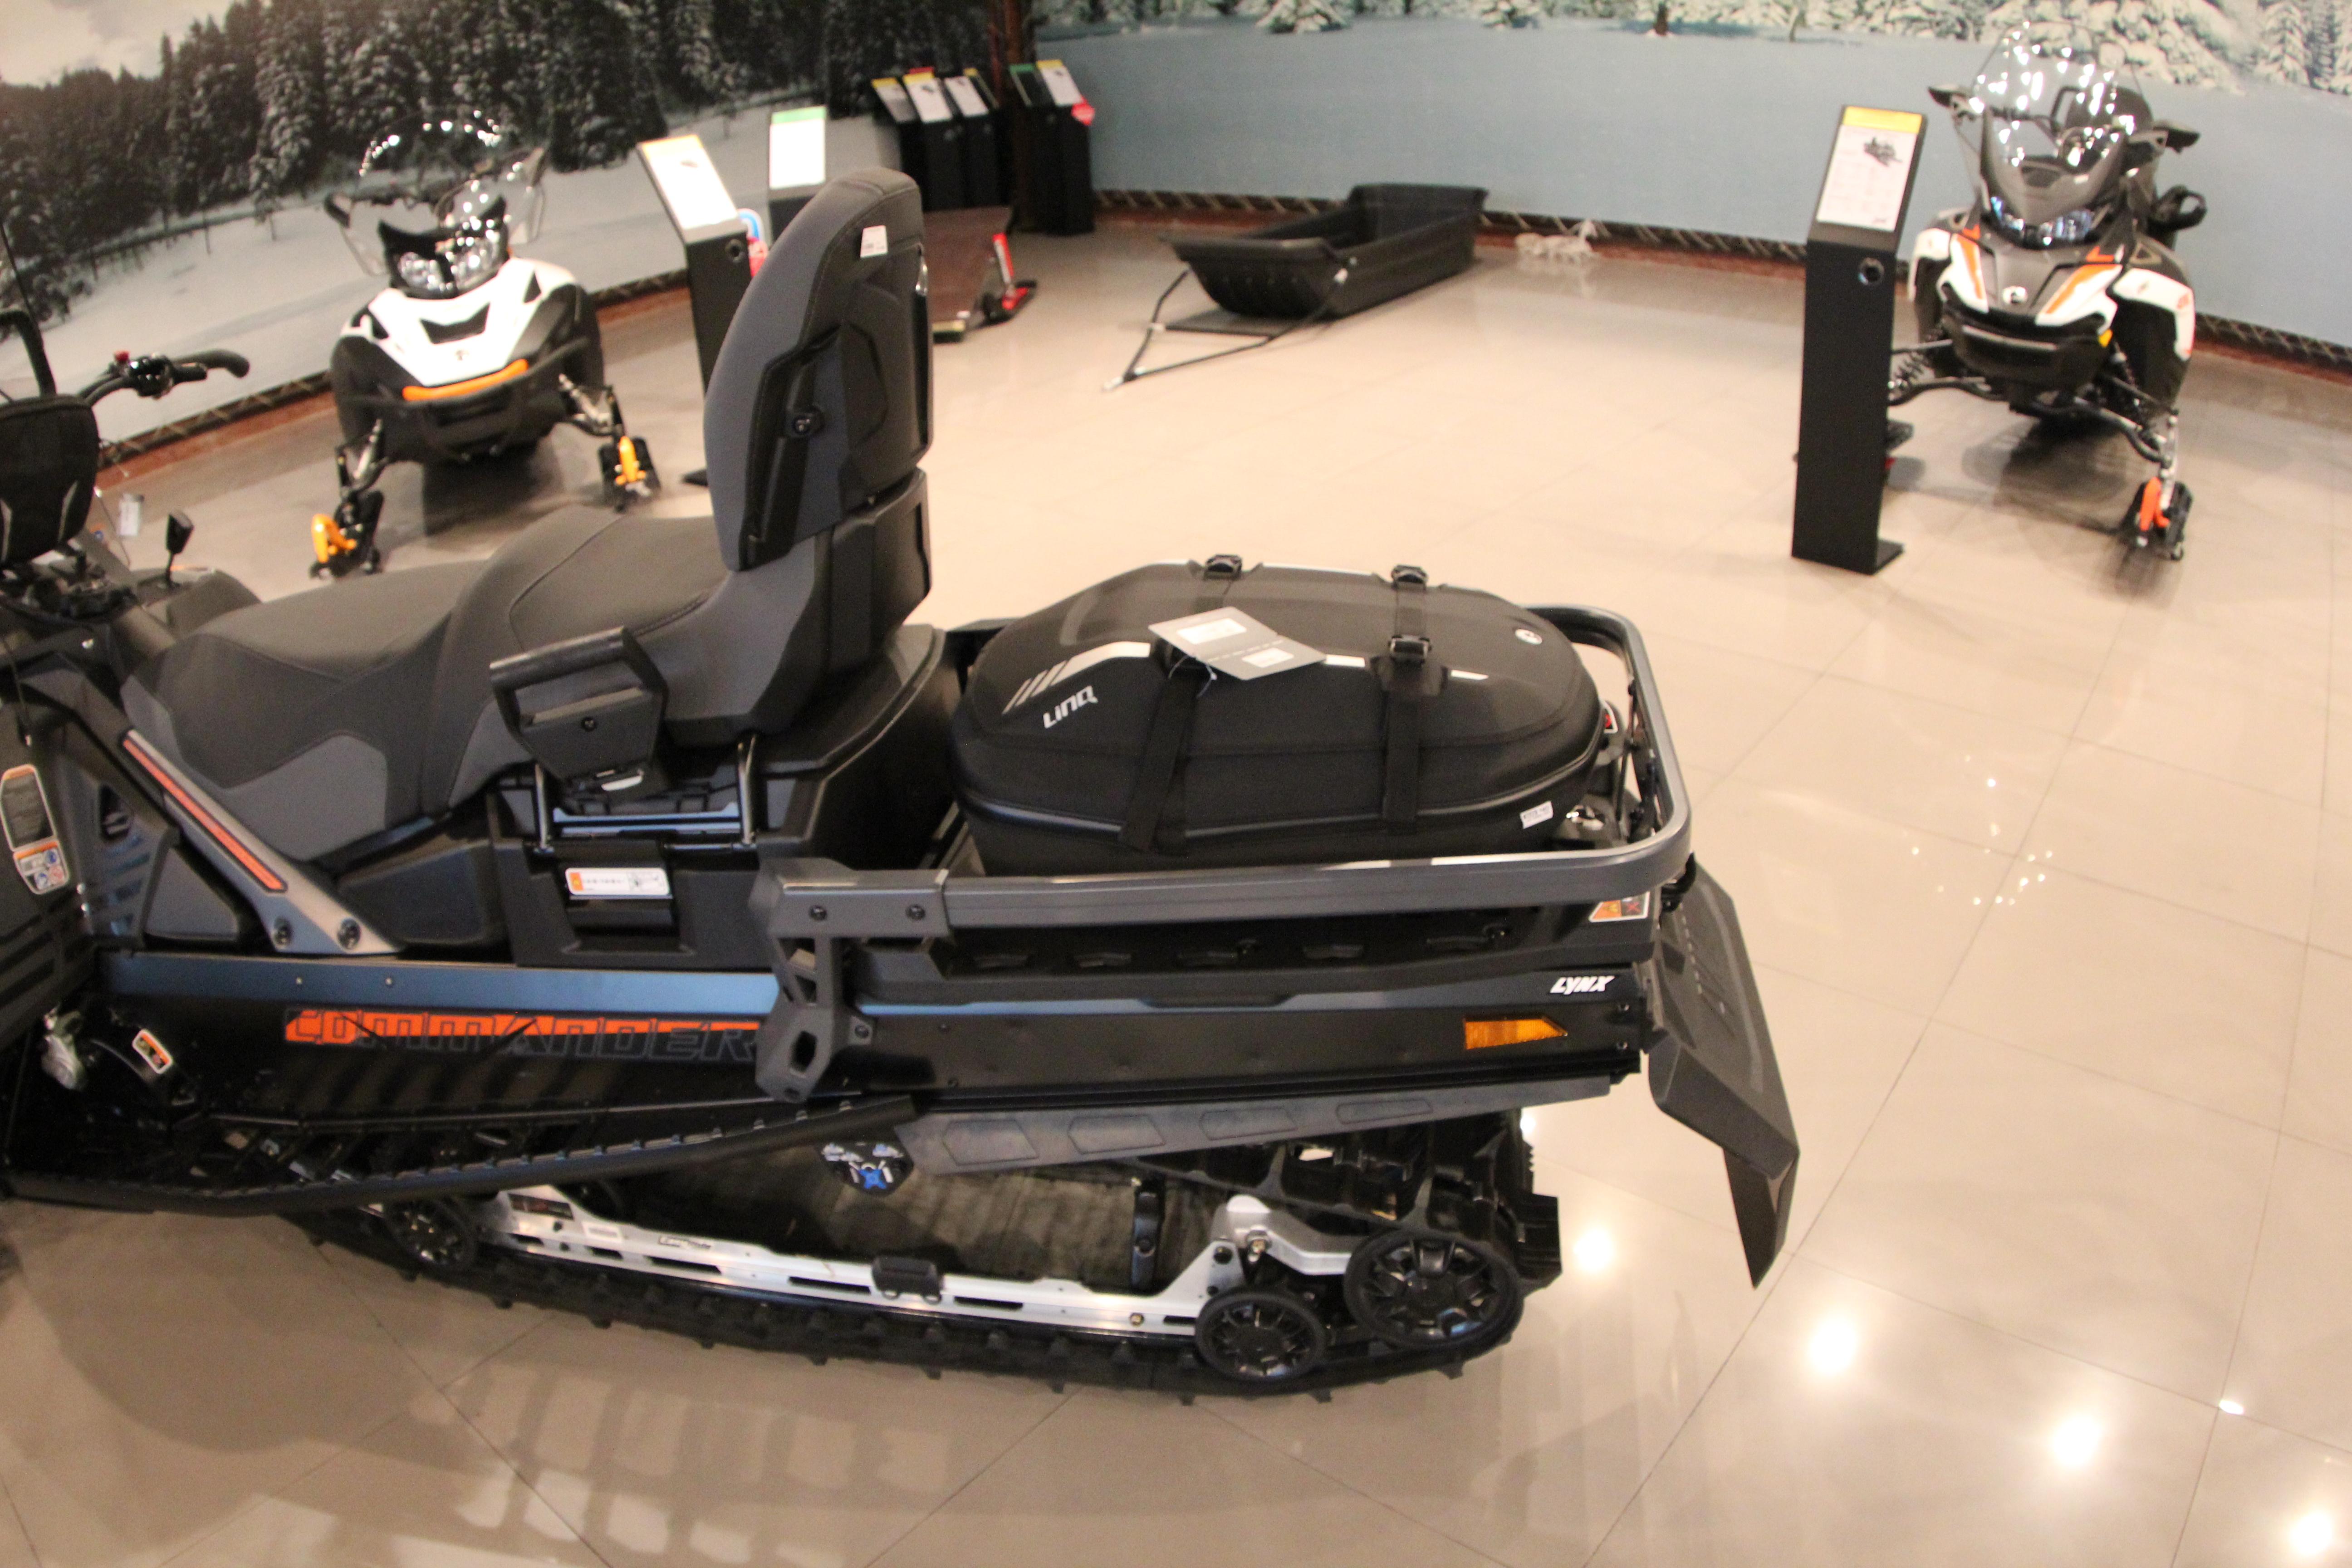 Что лучше - восстановить или купить новый аккумулятор для мотоцикла, квадроцикла, автомобиля, гидроцикла и др.